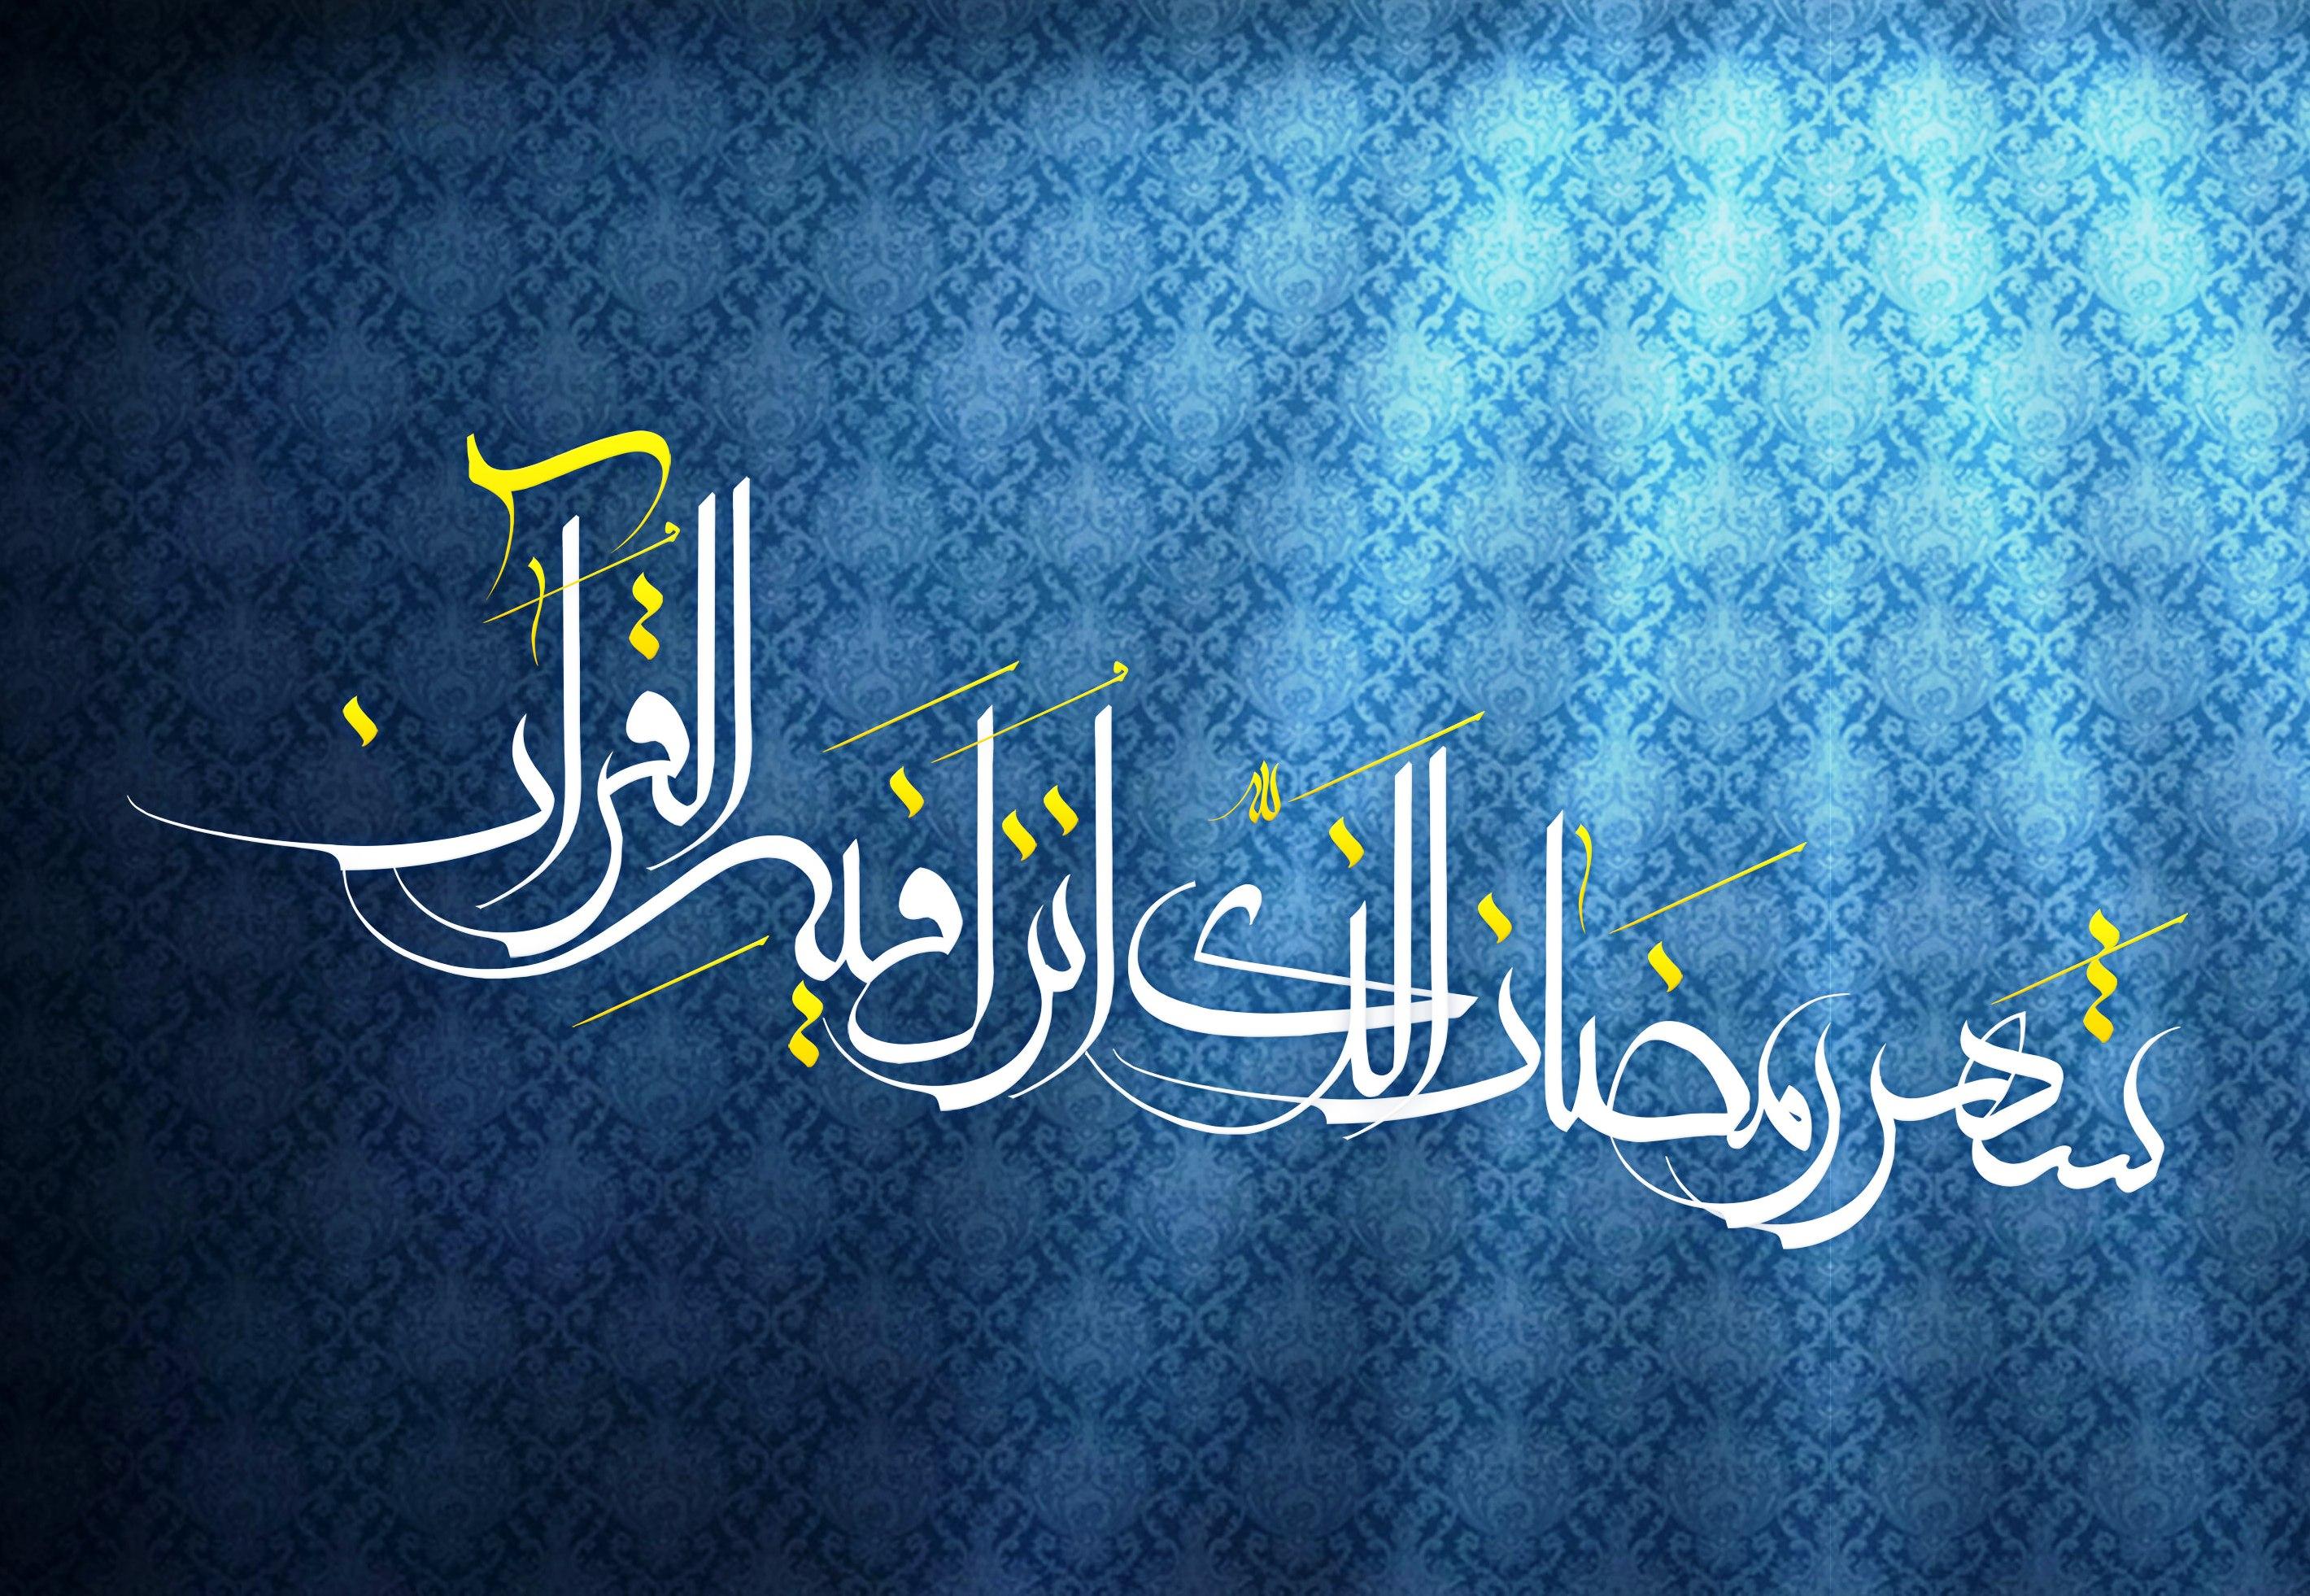 دعای مخصوص روز ششم ماه رمضان + دانلود